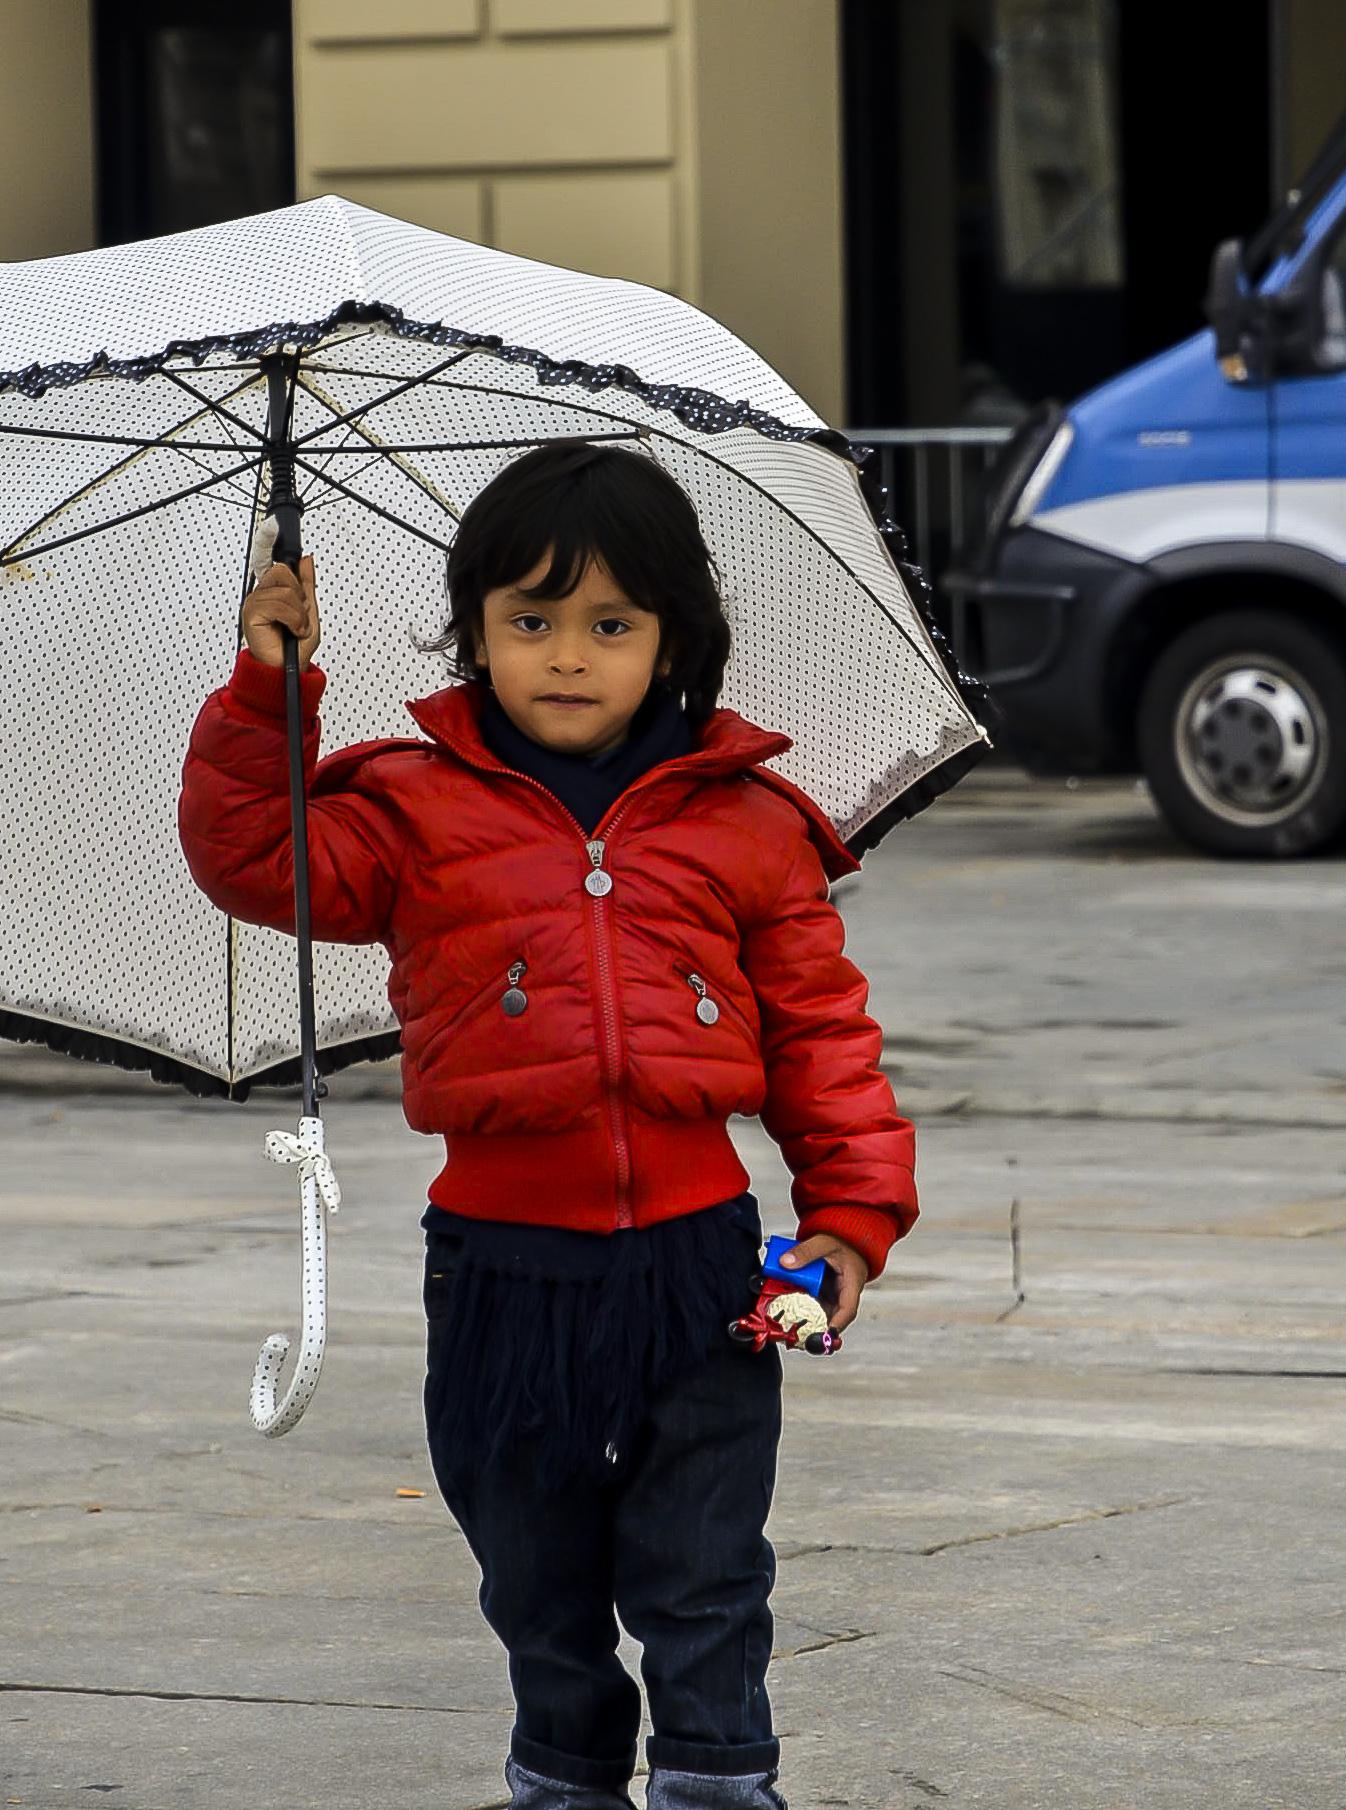 turin-petite-fille-sous-la-pluie